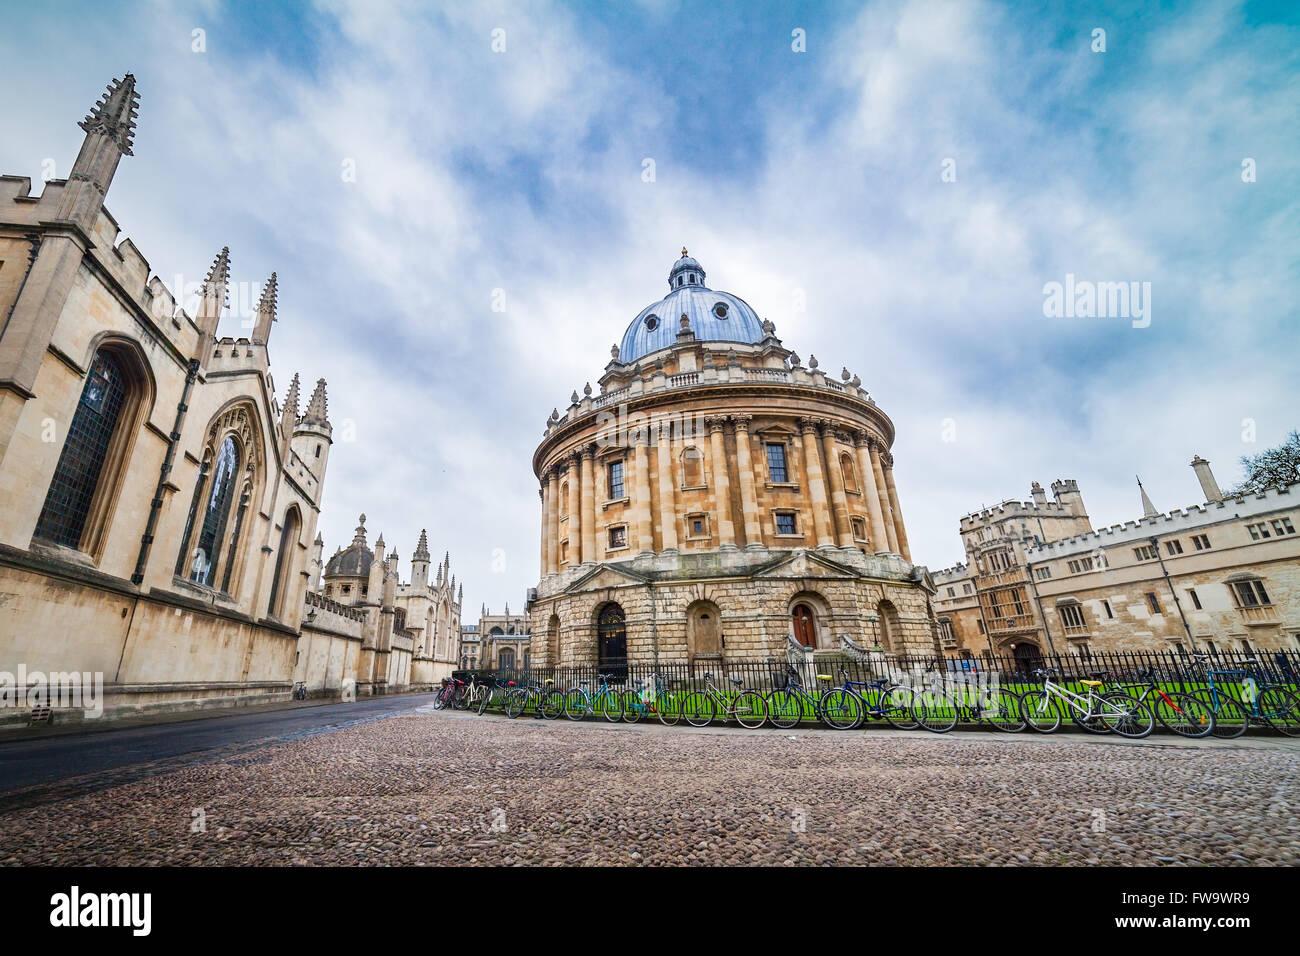 La Radcliffe Camera Library , edificio dell'Università di Oxford, Regno Unito Immagini Stock